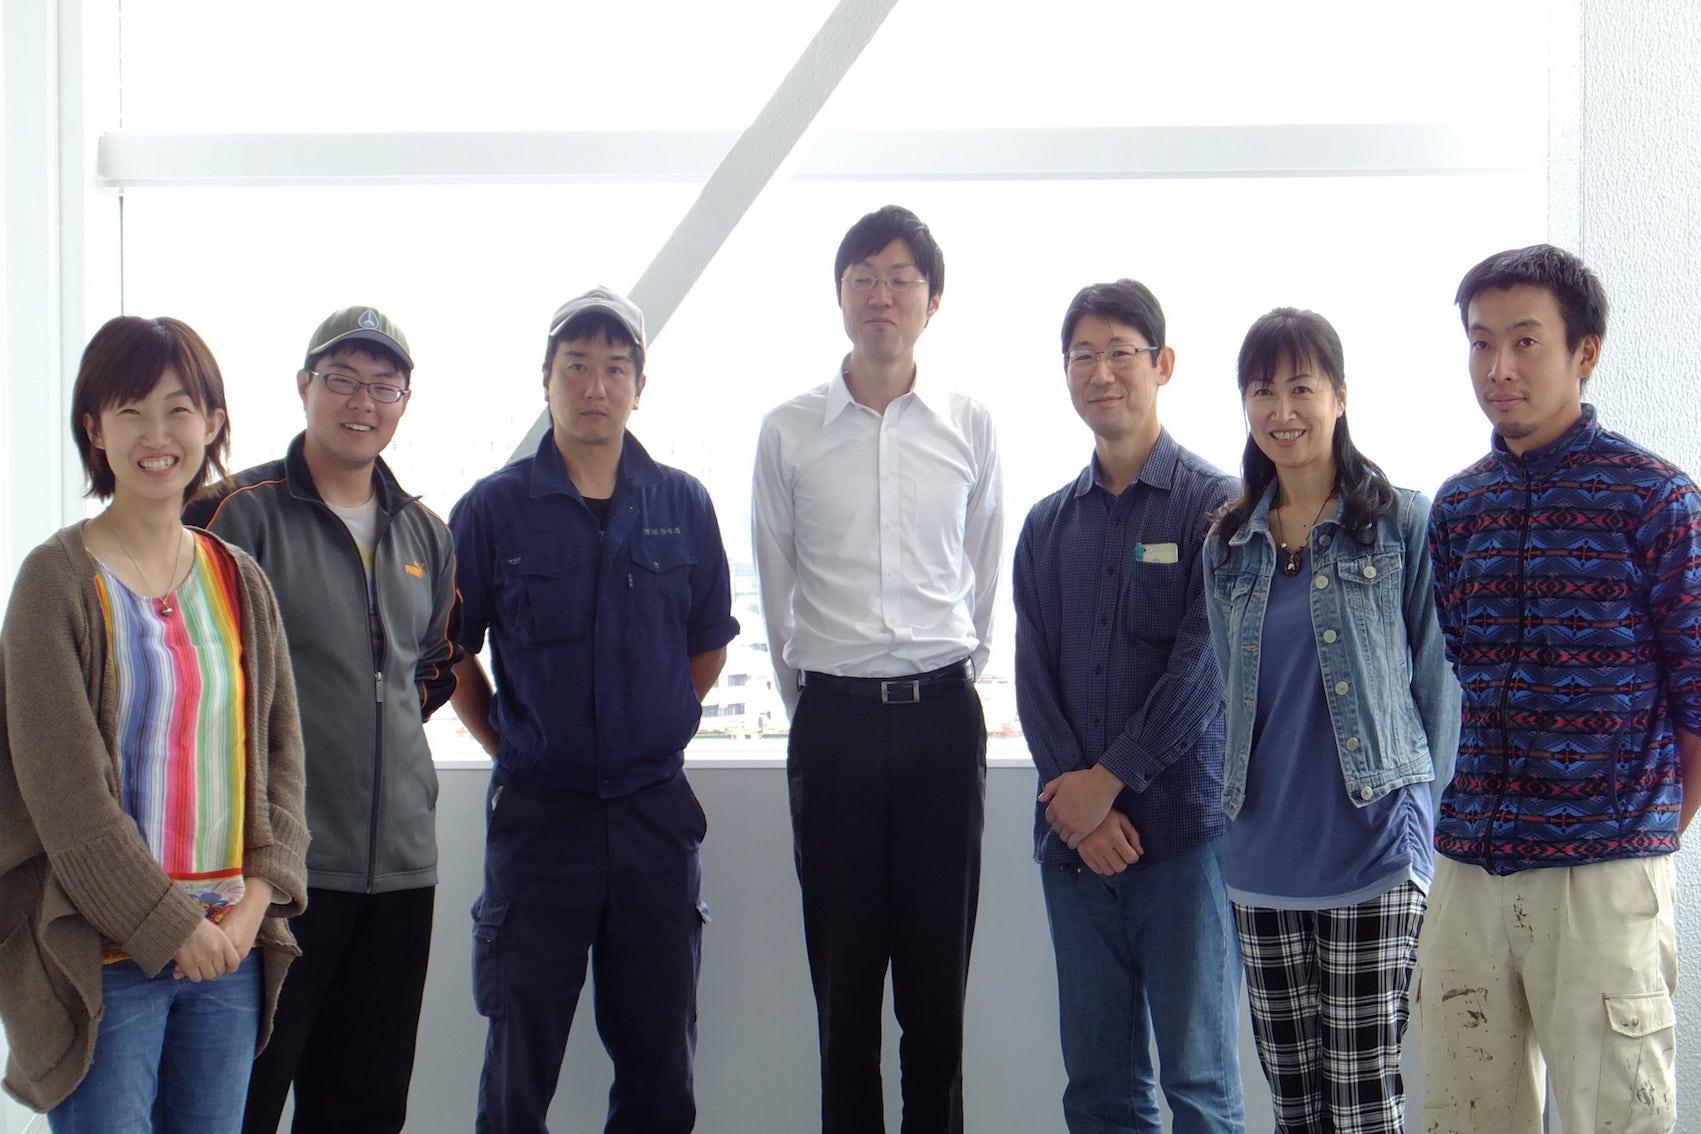 【新潟県】新発田市地域おこし協力隊